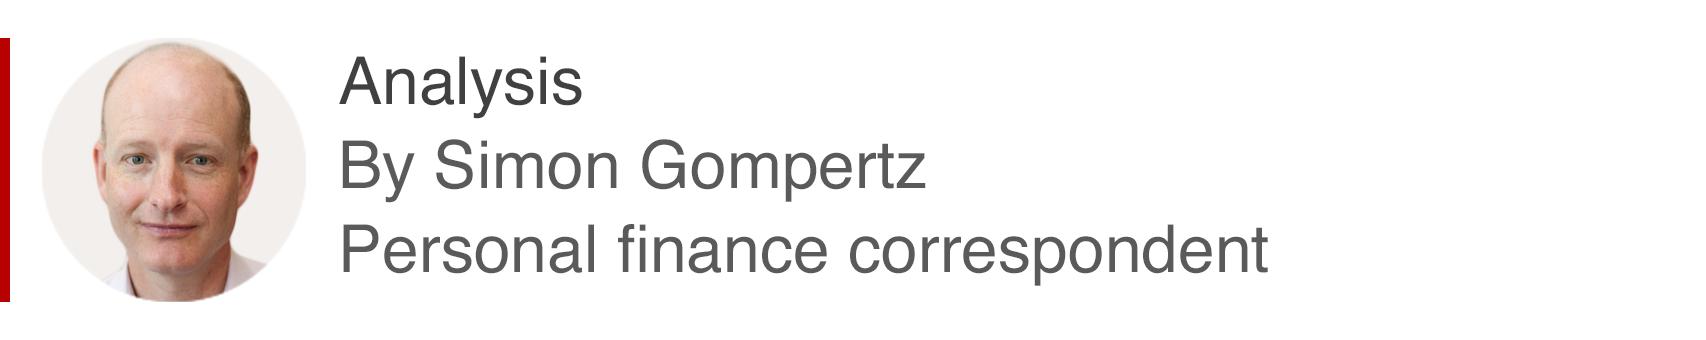 Analysis box by Simon Gompertz, personal finance correspondent